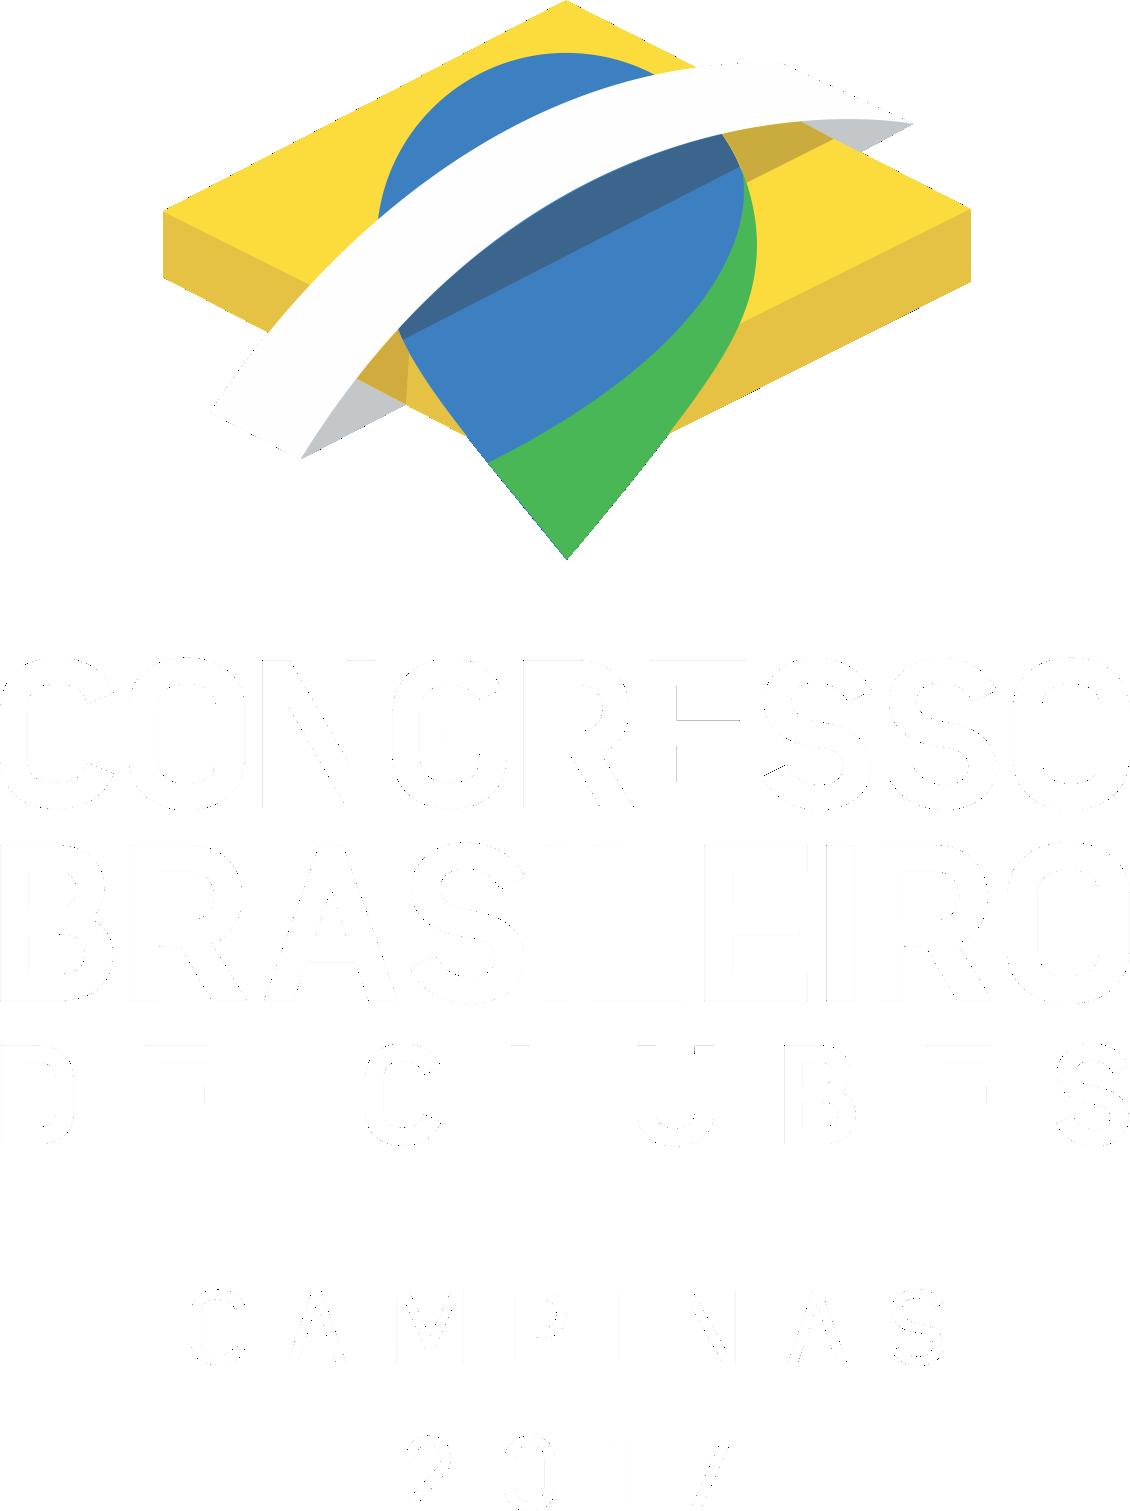 logo-congresso-campinas-2017y